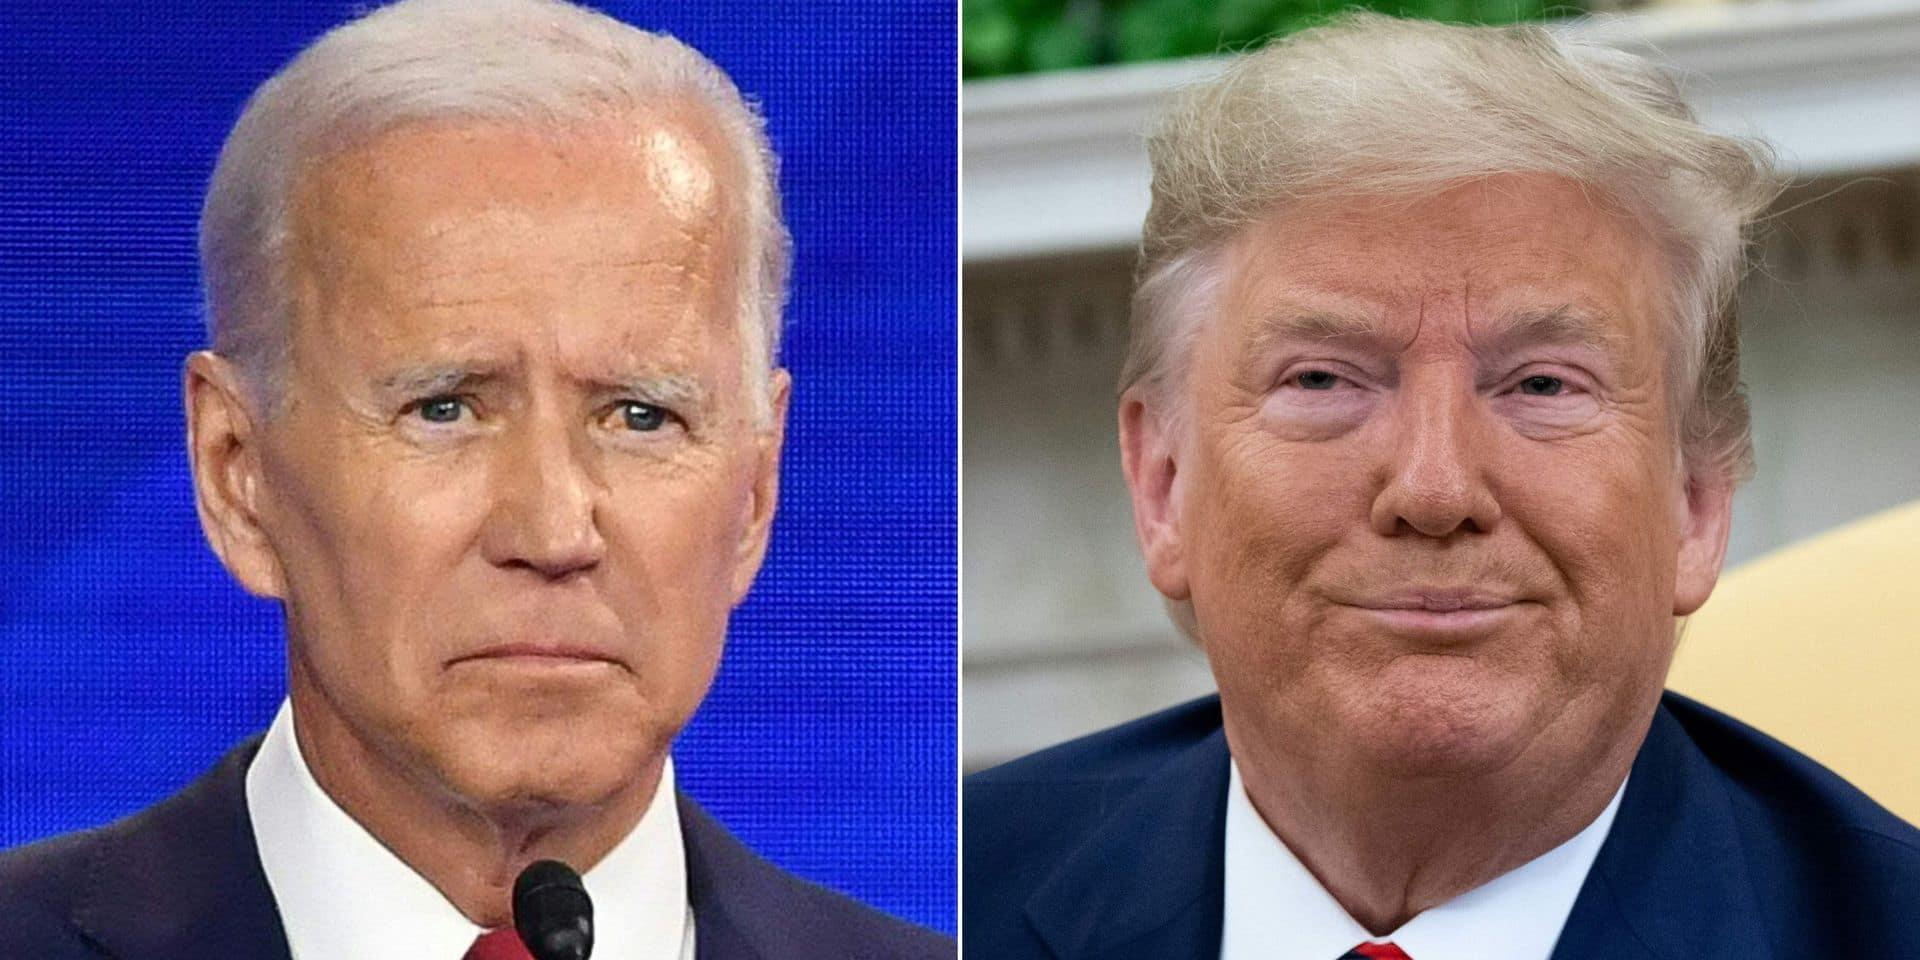 Donald Trump s'emporte contre le démocrate Biden et lui lance de nouvelles accusations non vérifiées